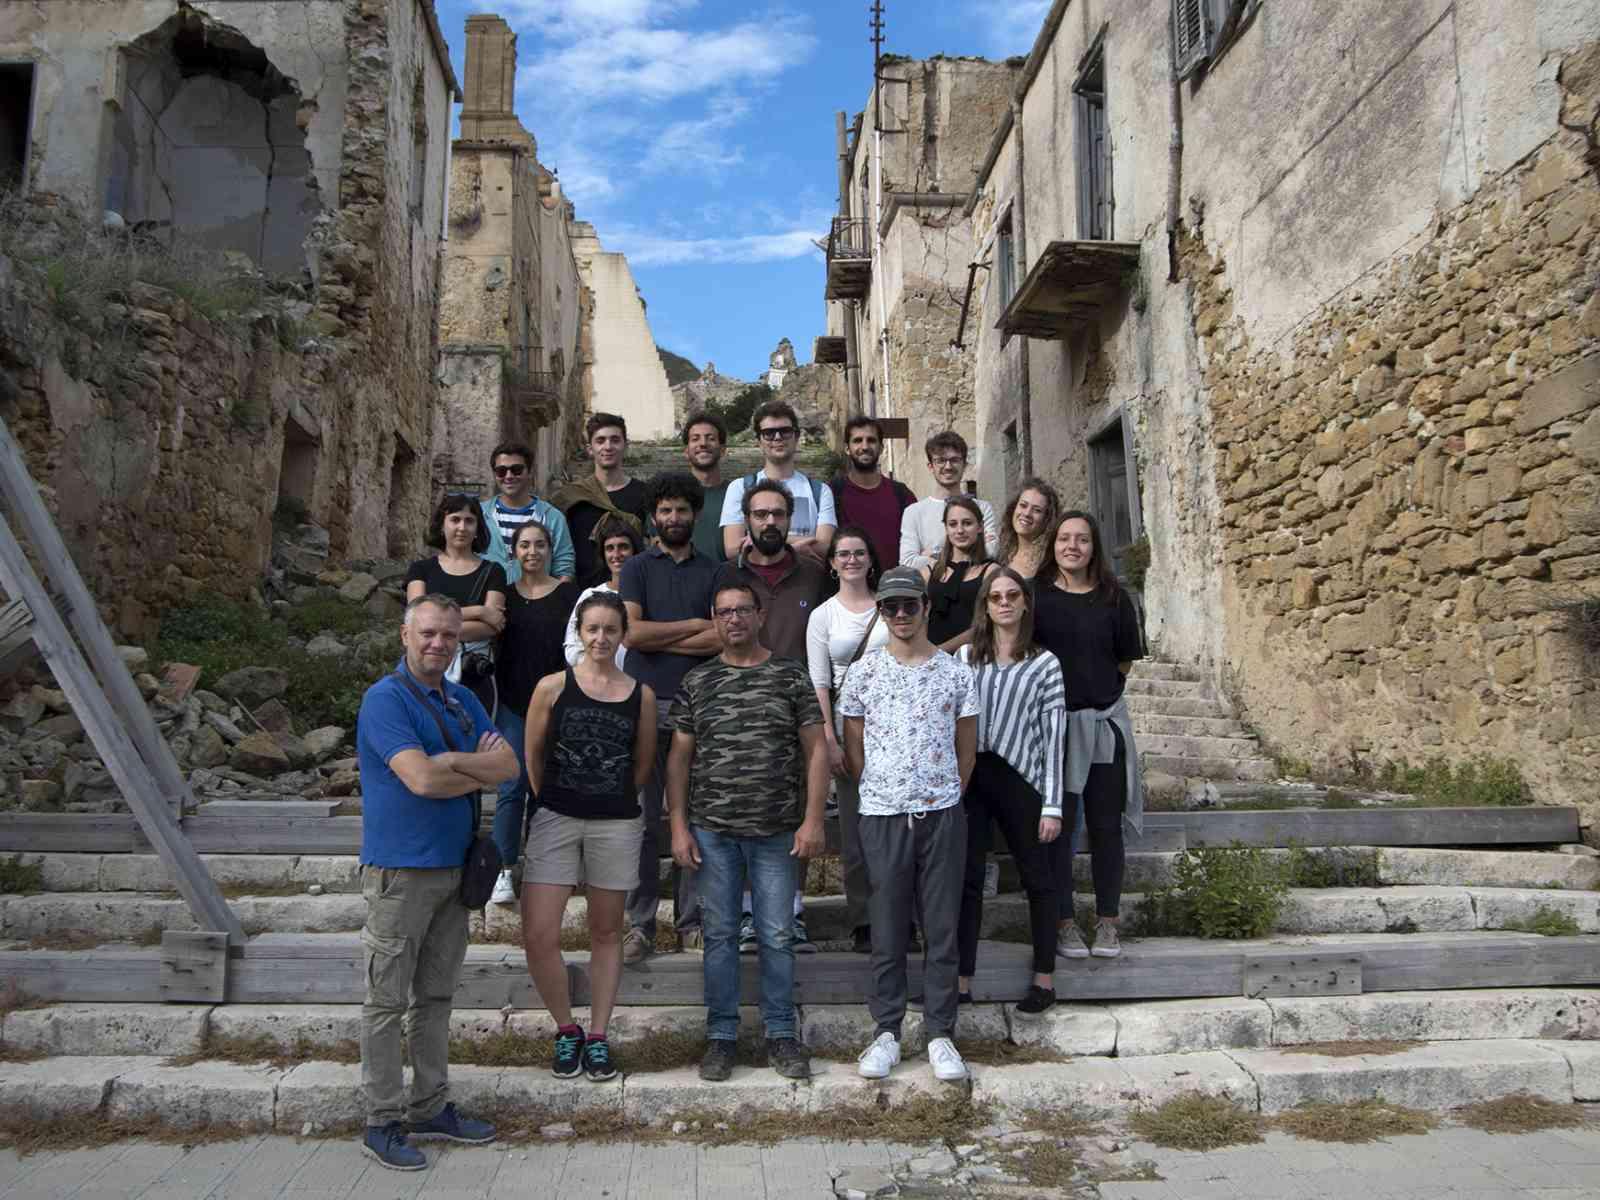 Immagine articolo: Studenti del Politecnico in visita ai Ruderi di Poggioreale e Salemi. Un viaggio alla scoperta della storia e delle bellezze belicine